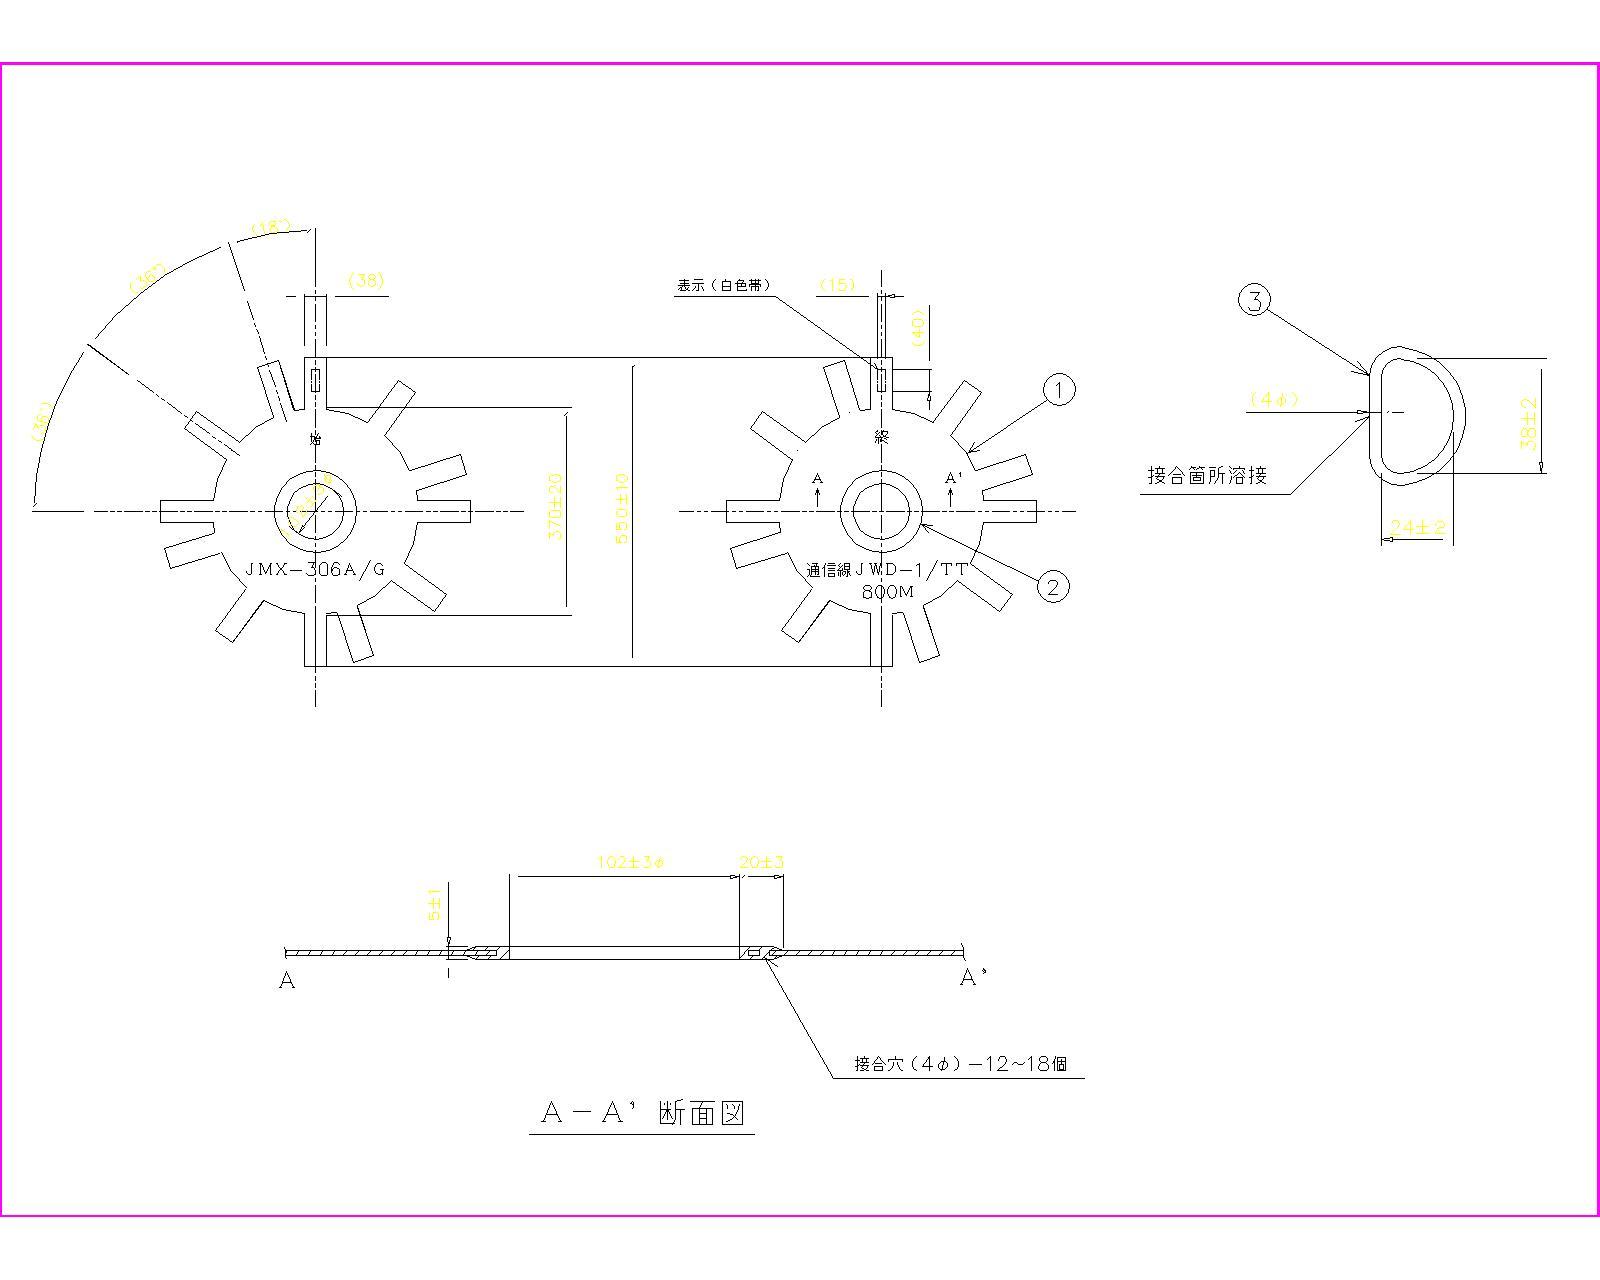 機器部材 詳細図-モデル